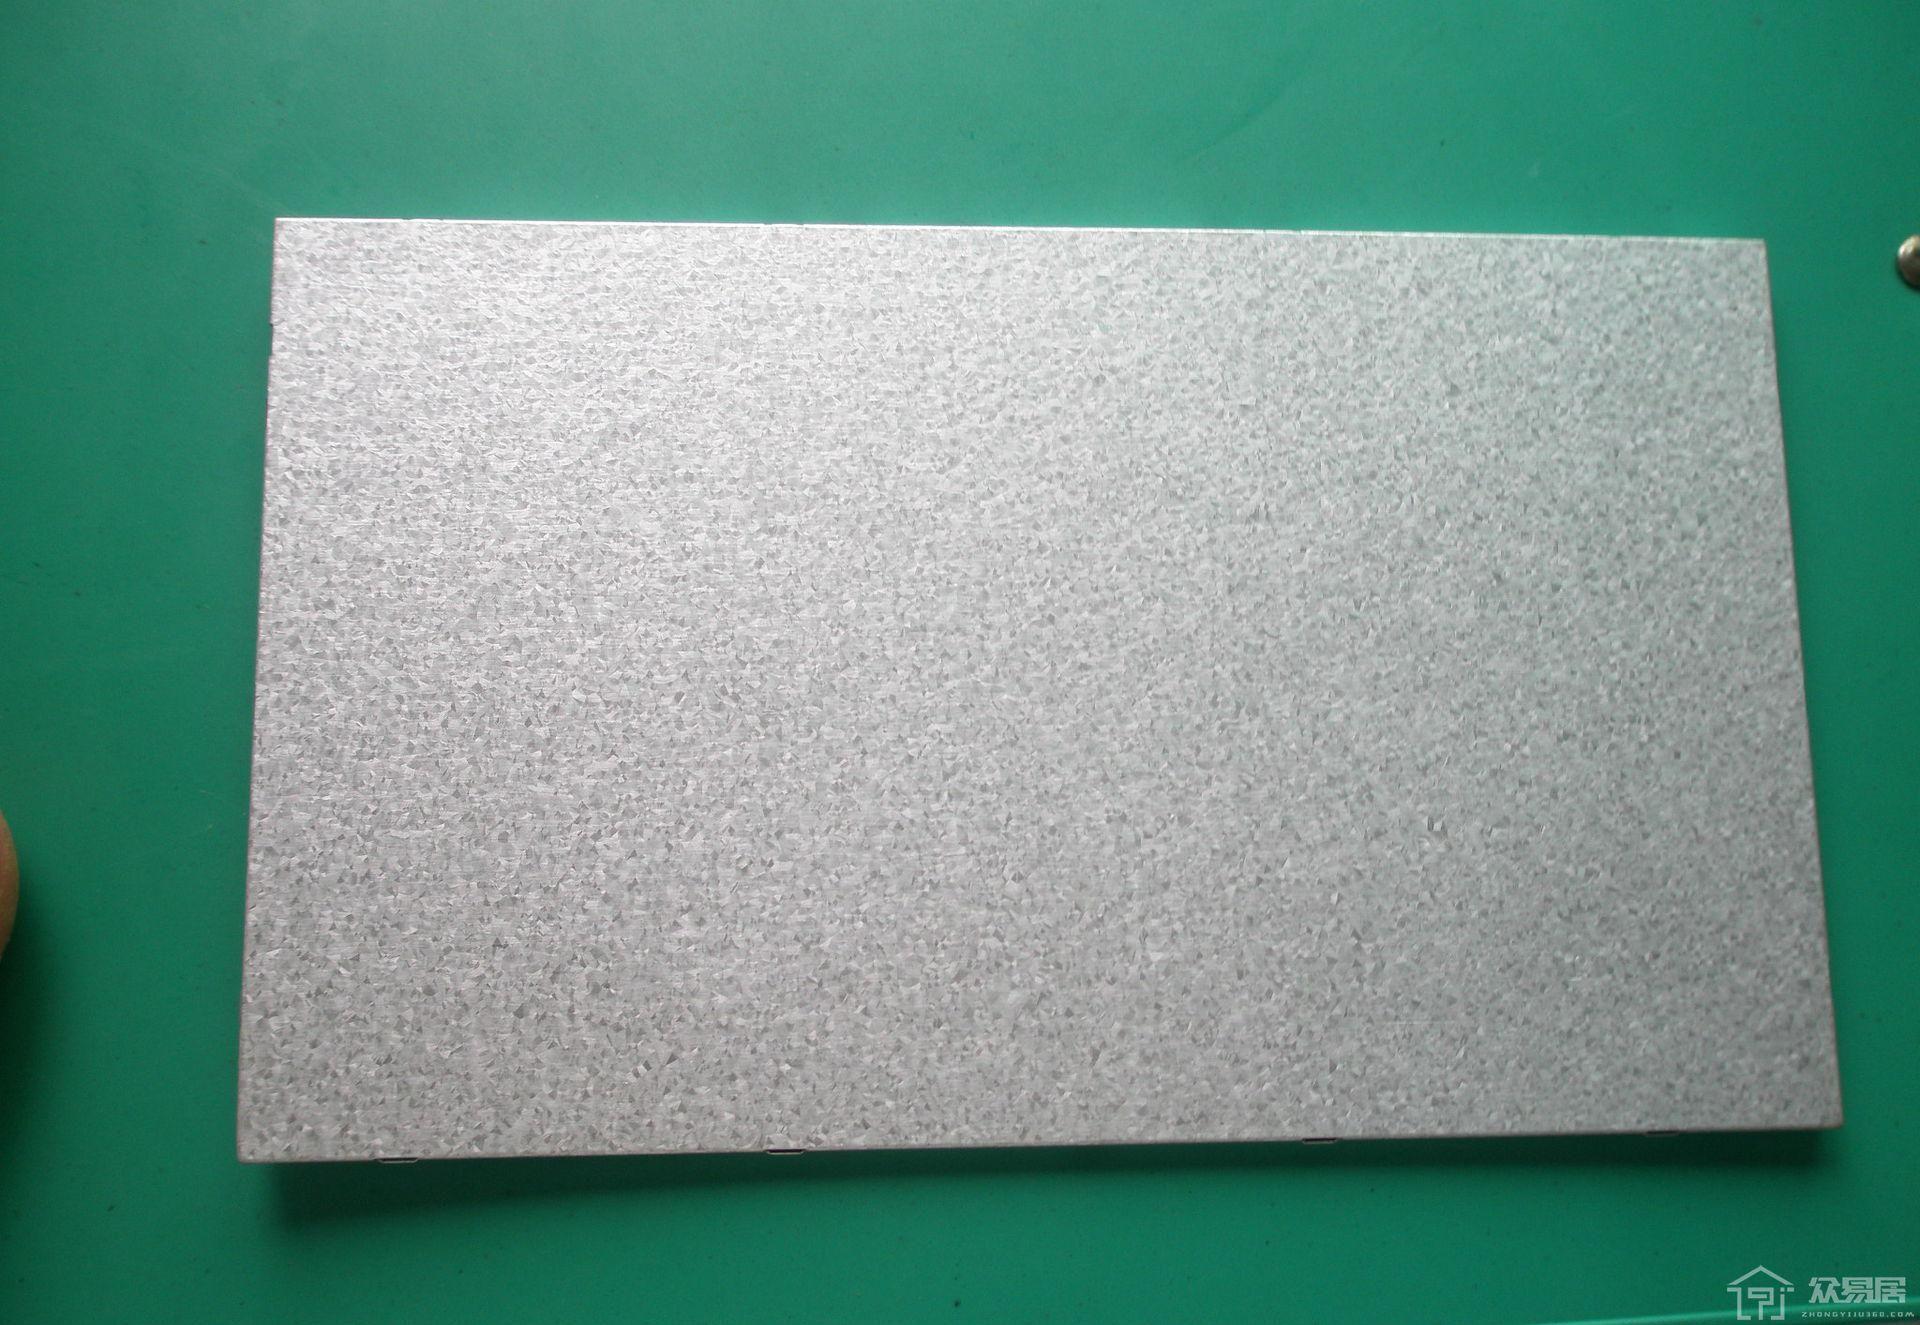 覆铝锌板的介绍 覆铝锌板使用注意要点